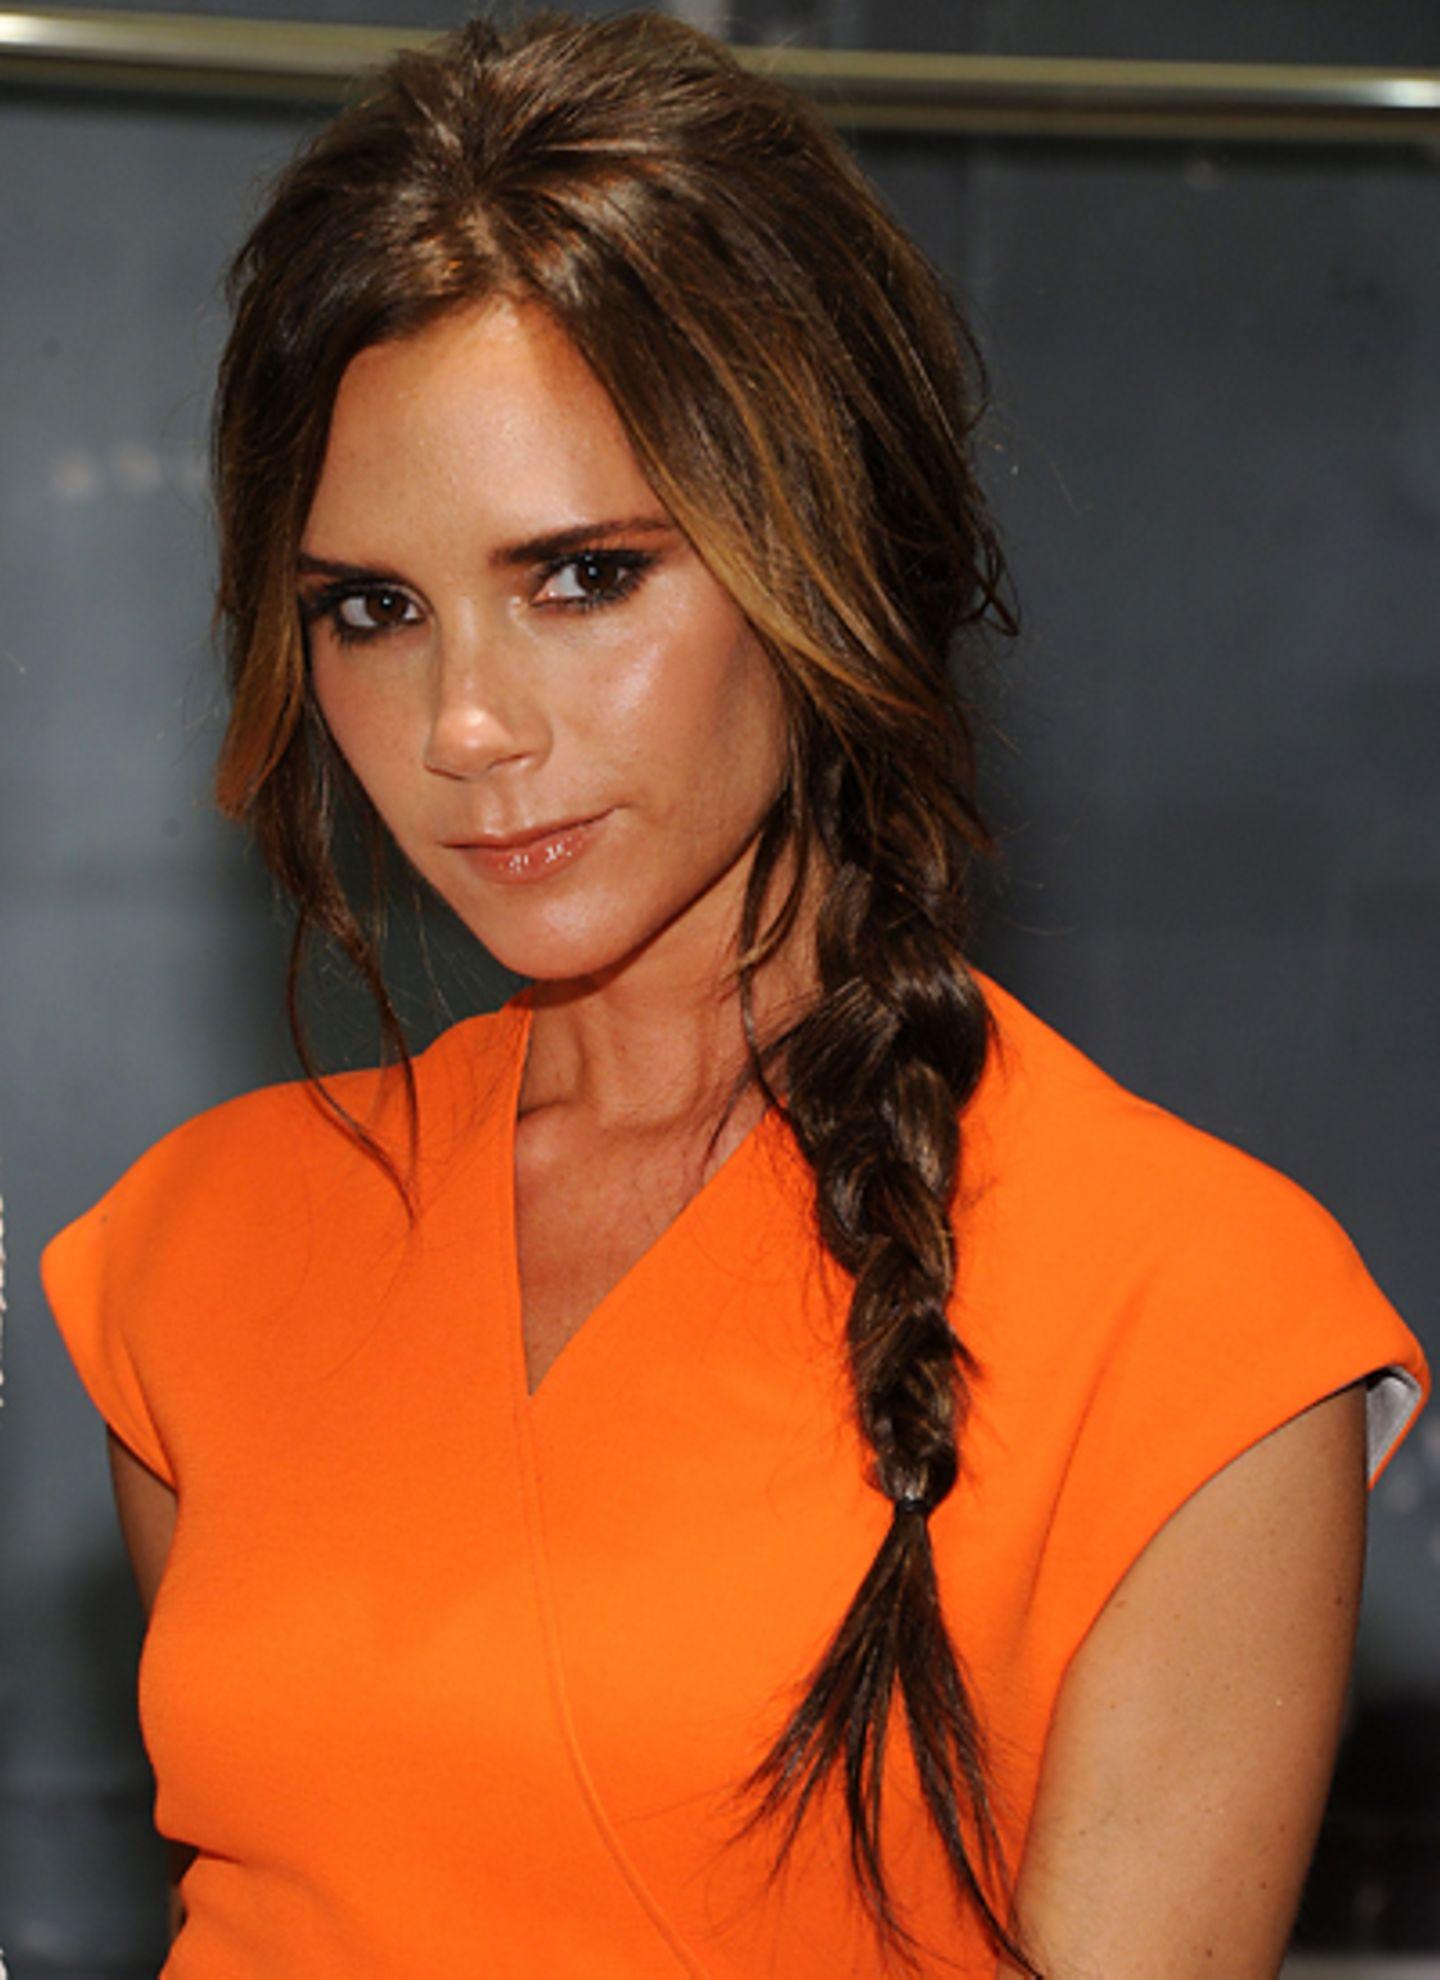 Getwittert hat das Bild Victoria Beckham, die sich gerade mit viel Stress auf die Präsentation ihrer Modelinie bei der New Yorke